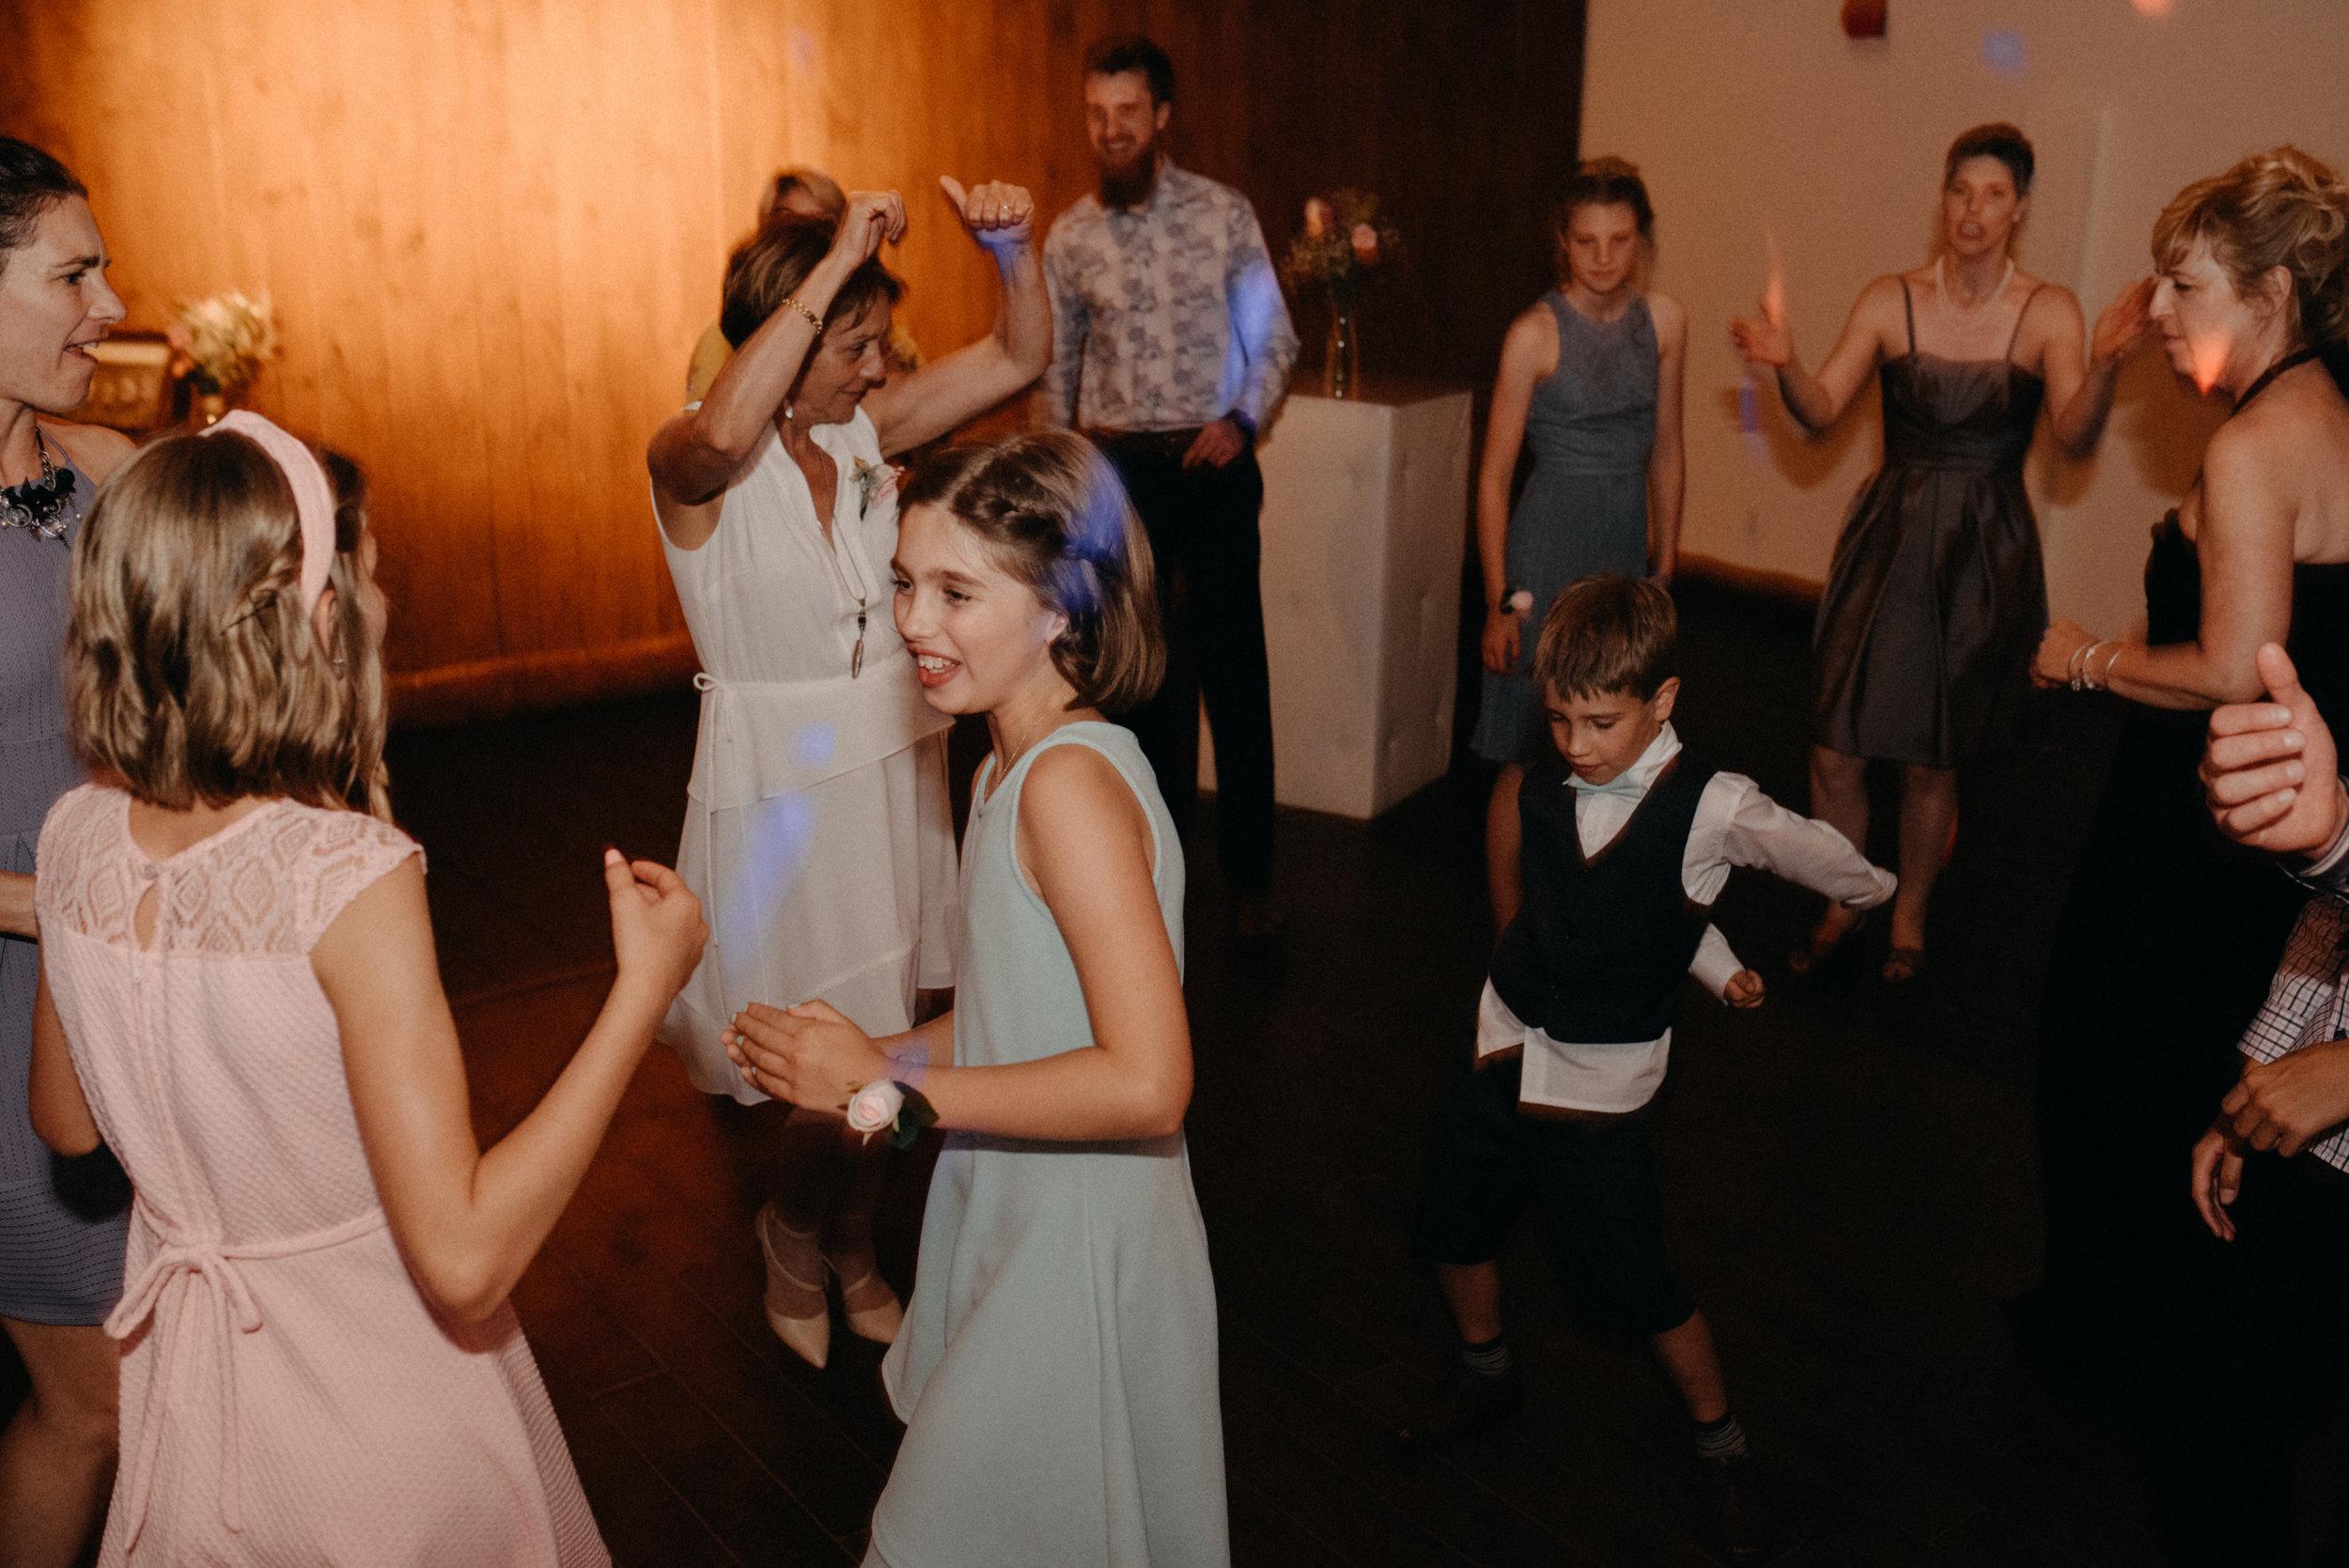 gatineau_photographe_mariage_ottawa_wedding_photography_documentary_candid_unposed_lifestyle_photography_photographie_613_family_famille (17).jpg